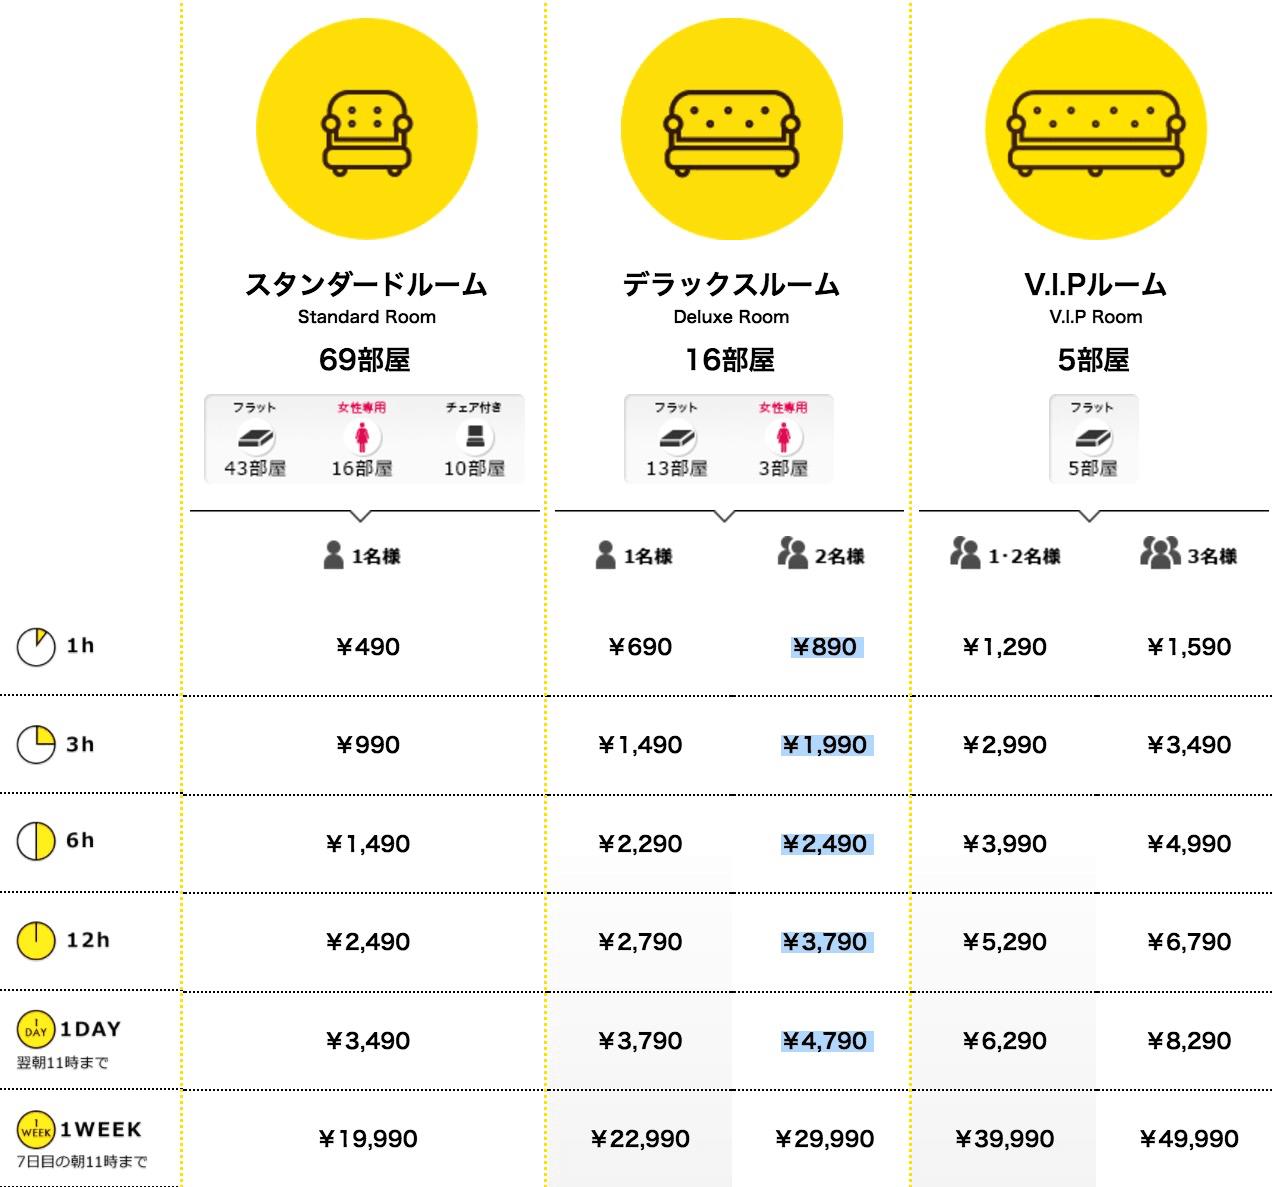 スクリーンショット 2017-12-21 11.44.08_th